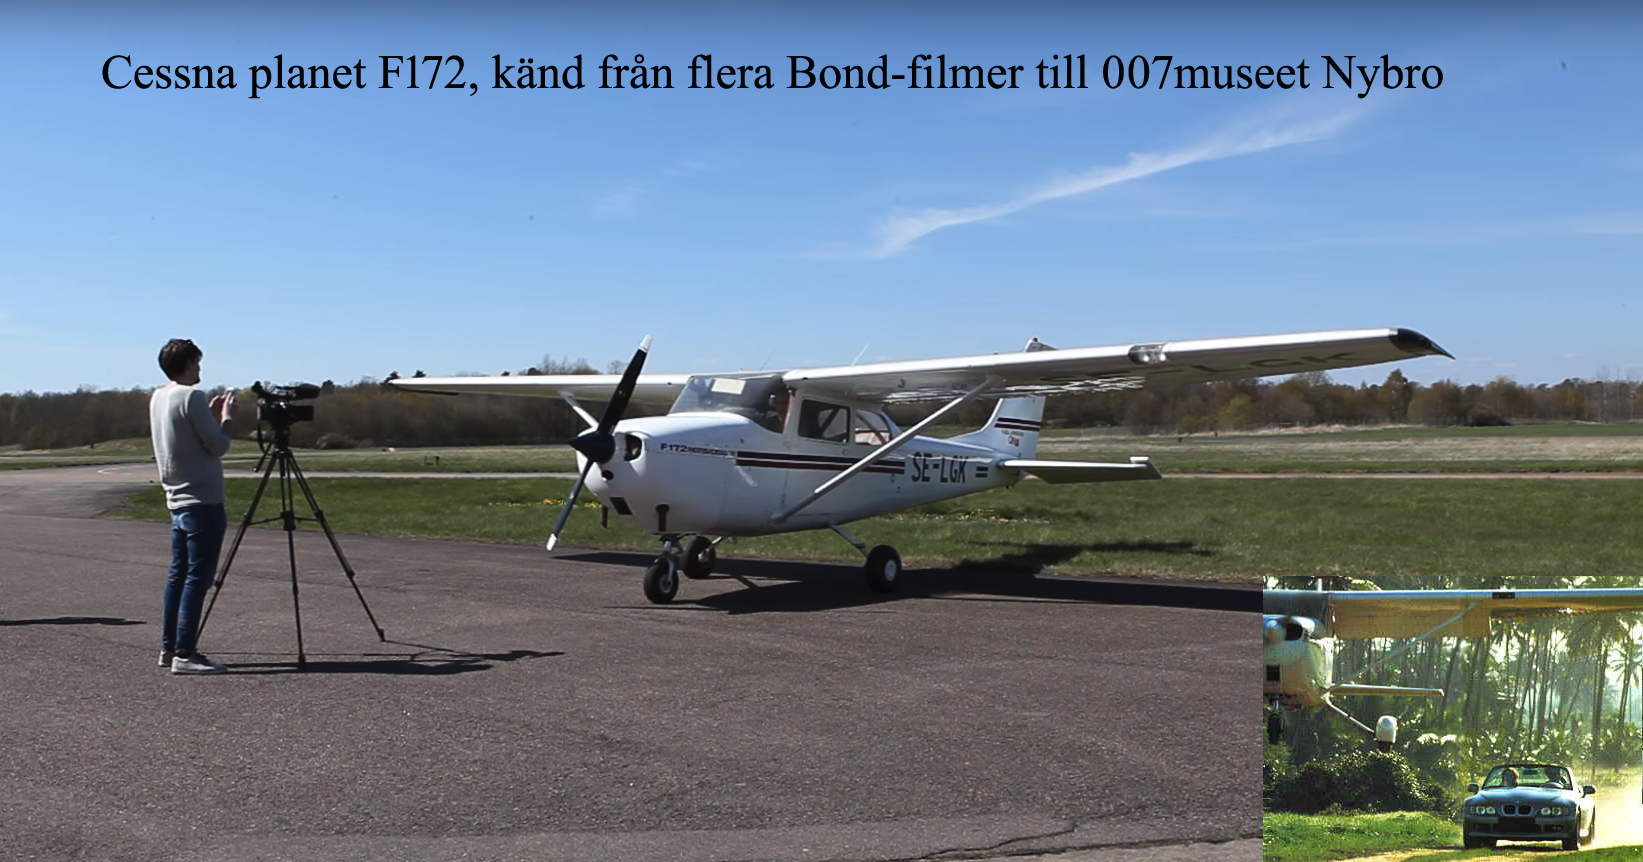 Cessna 1F72,planet känd från flera Bond-filmer till 007 utställningen Nybro